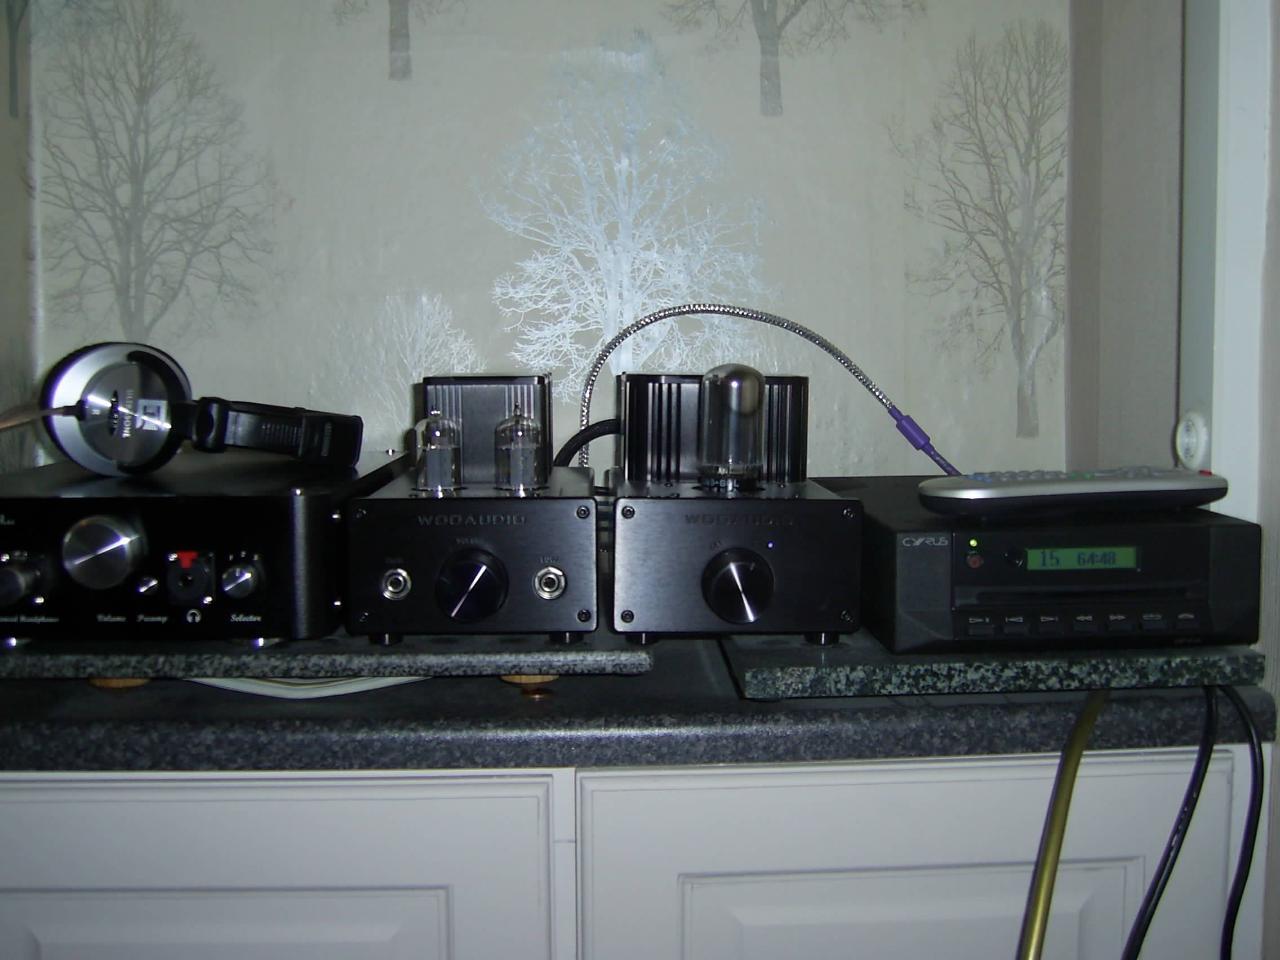 SA400284.JPG